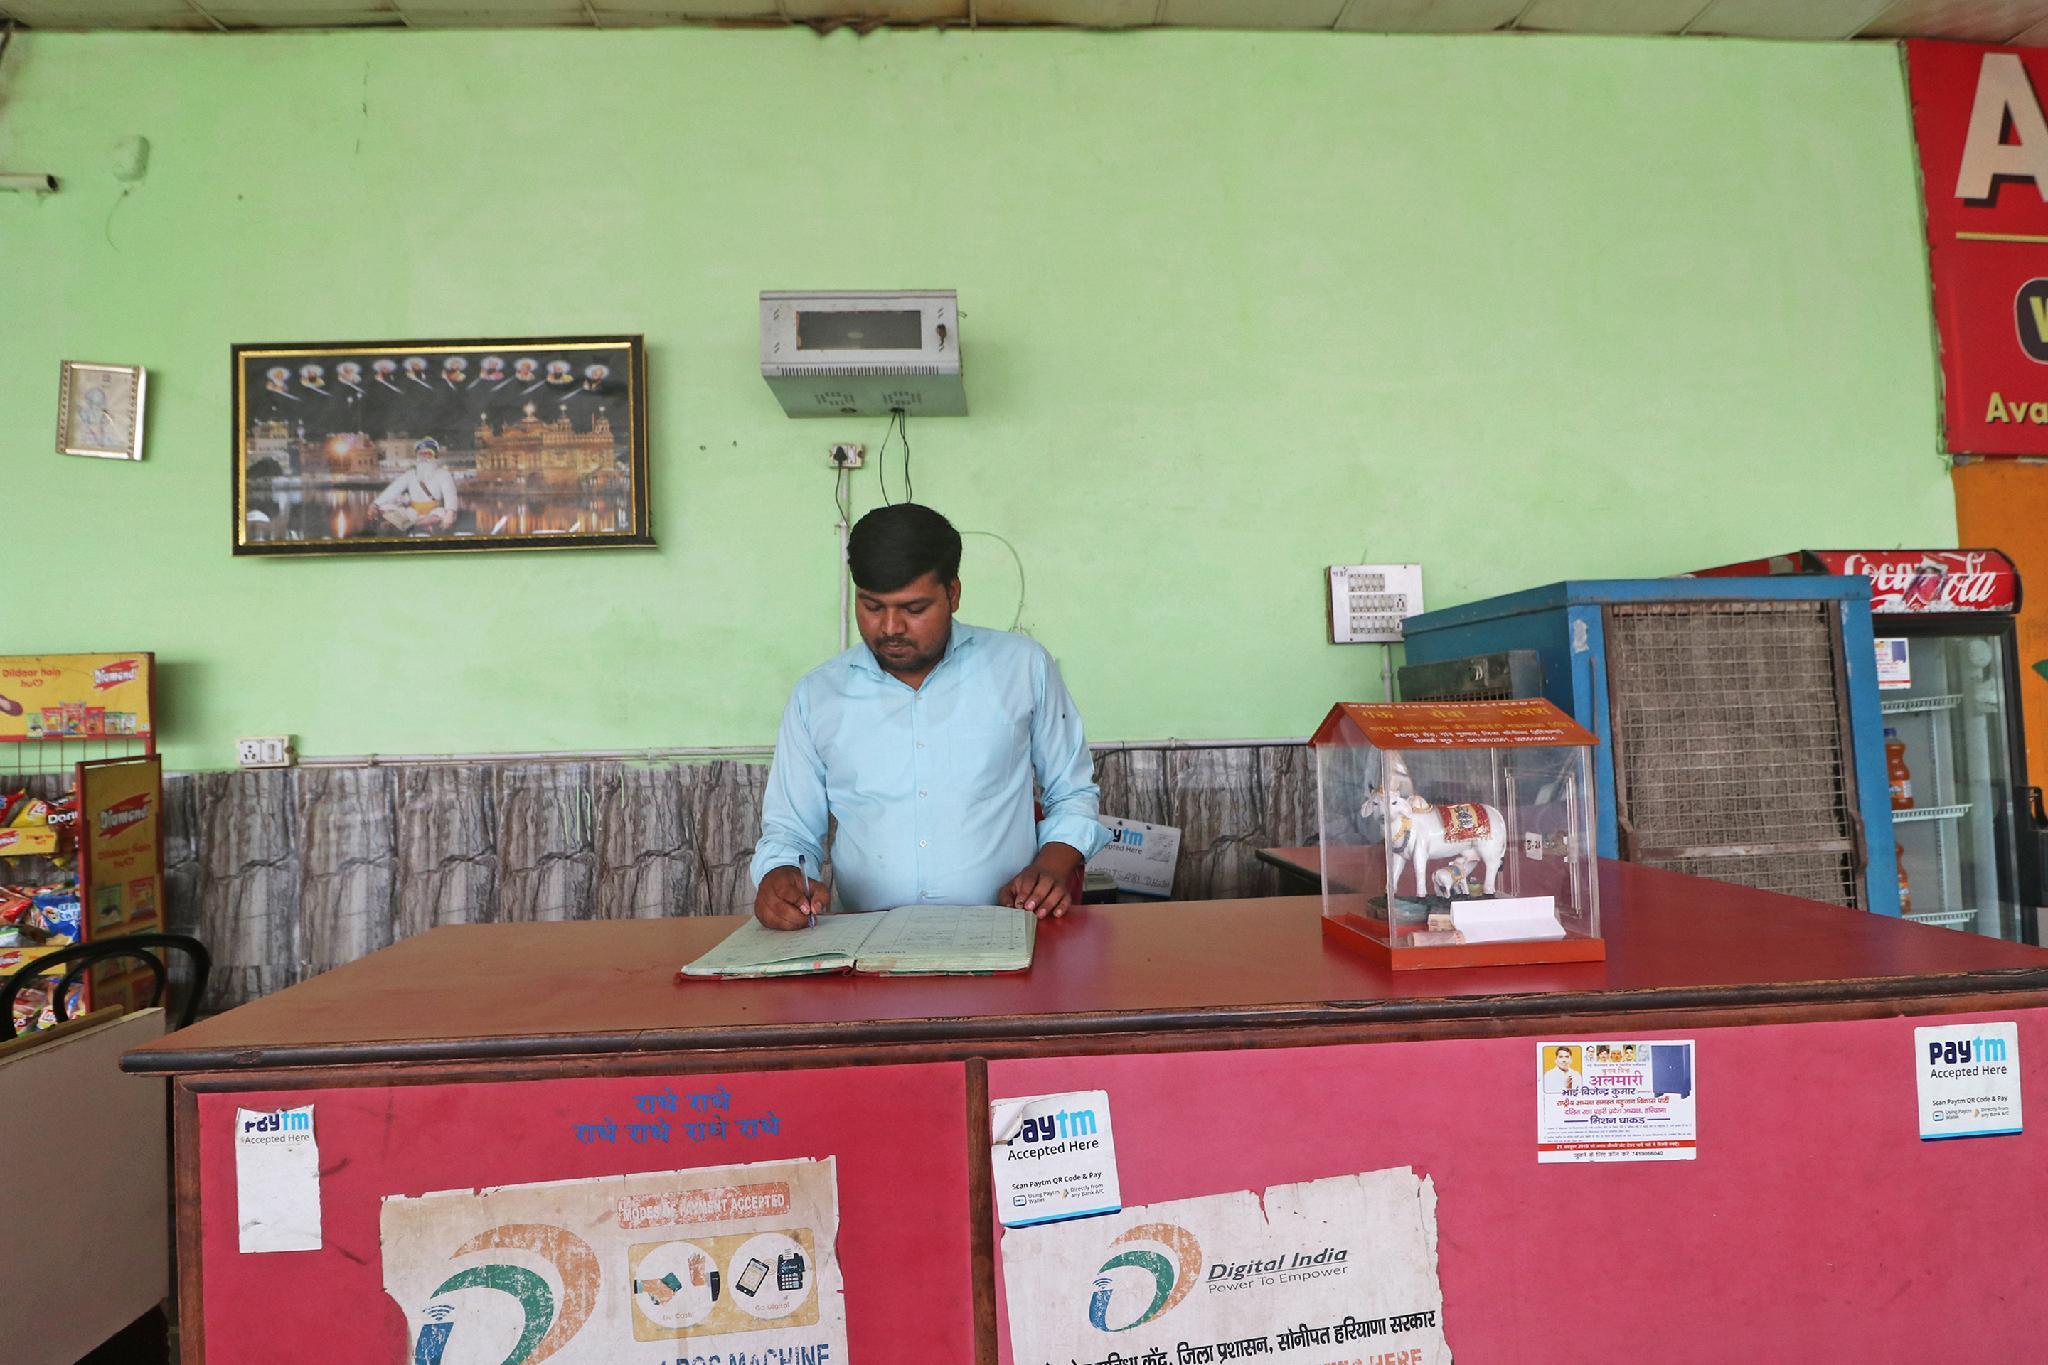 SPOT ON 63678 Amritsari Dhaba